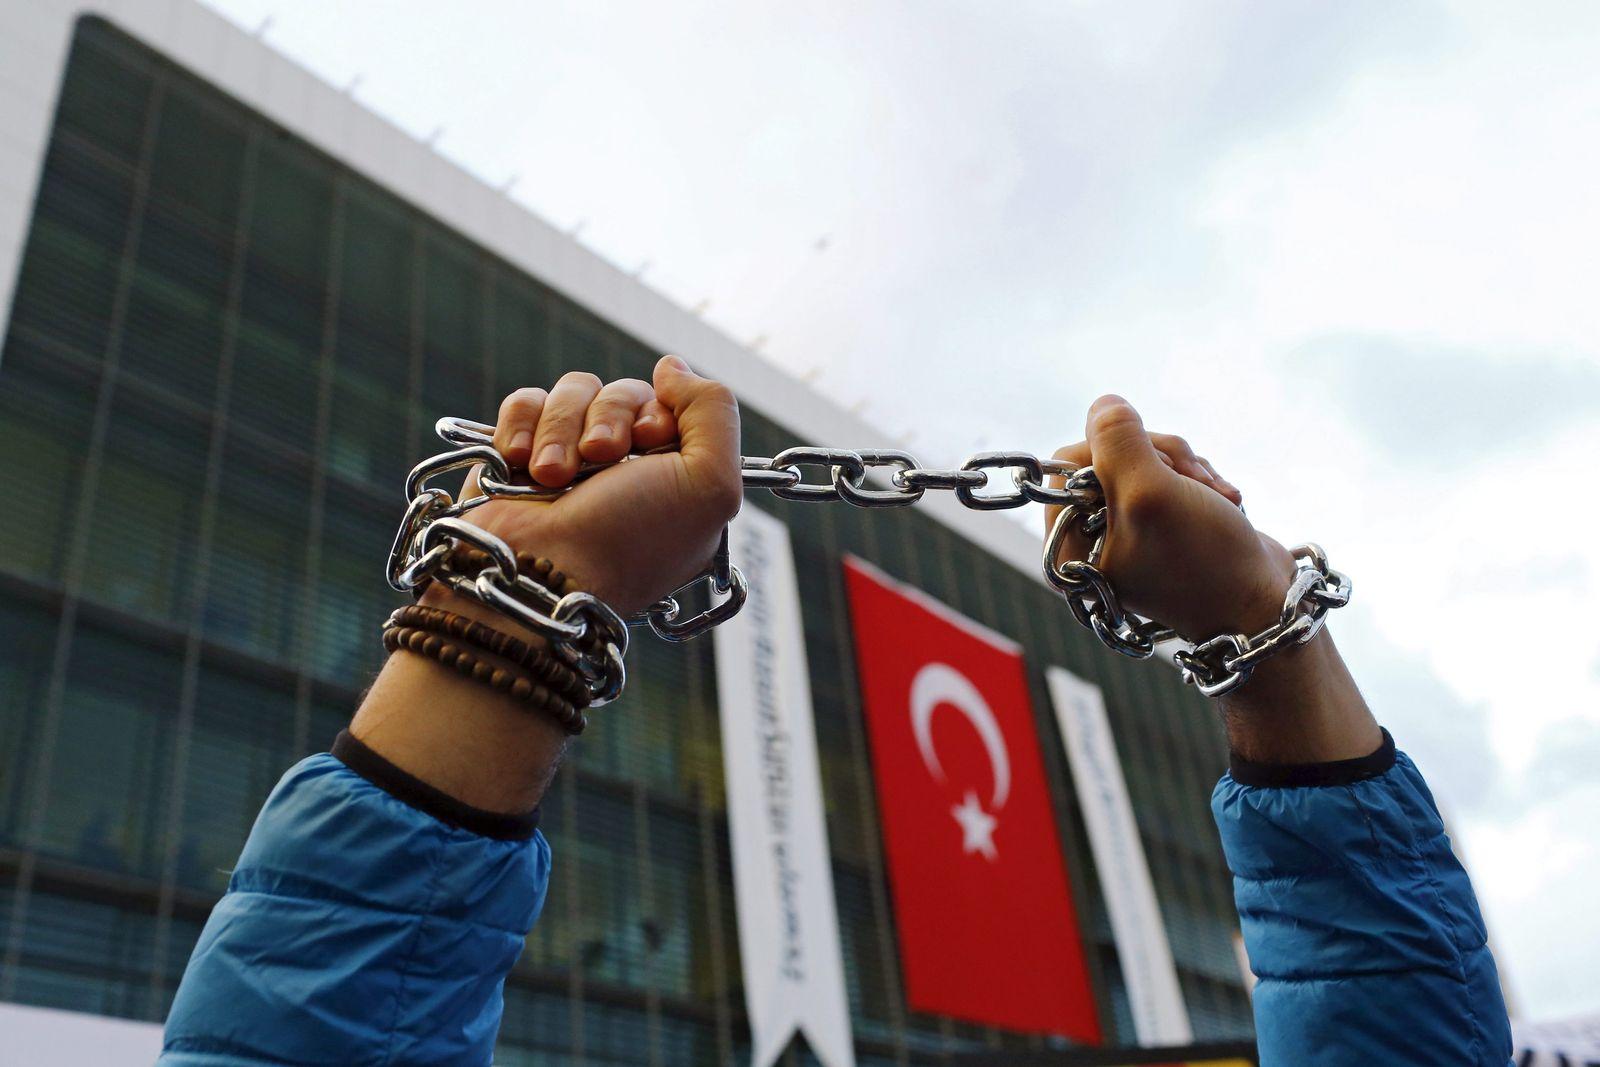 Pressefreiheit - Türkei